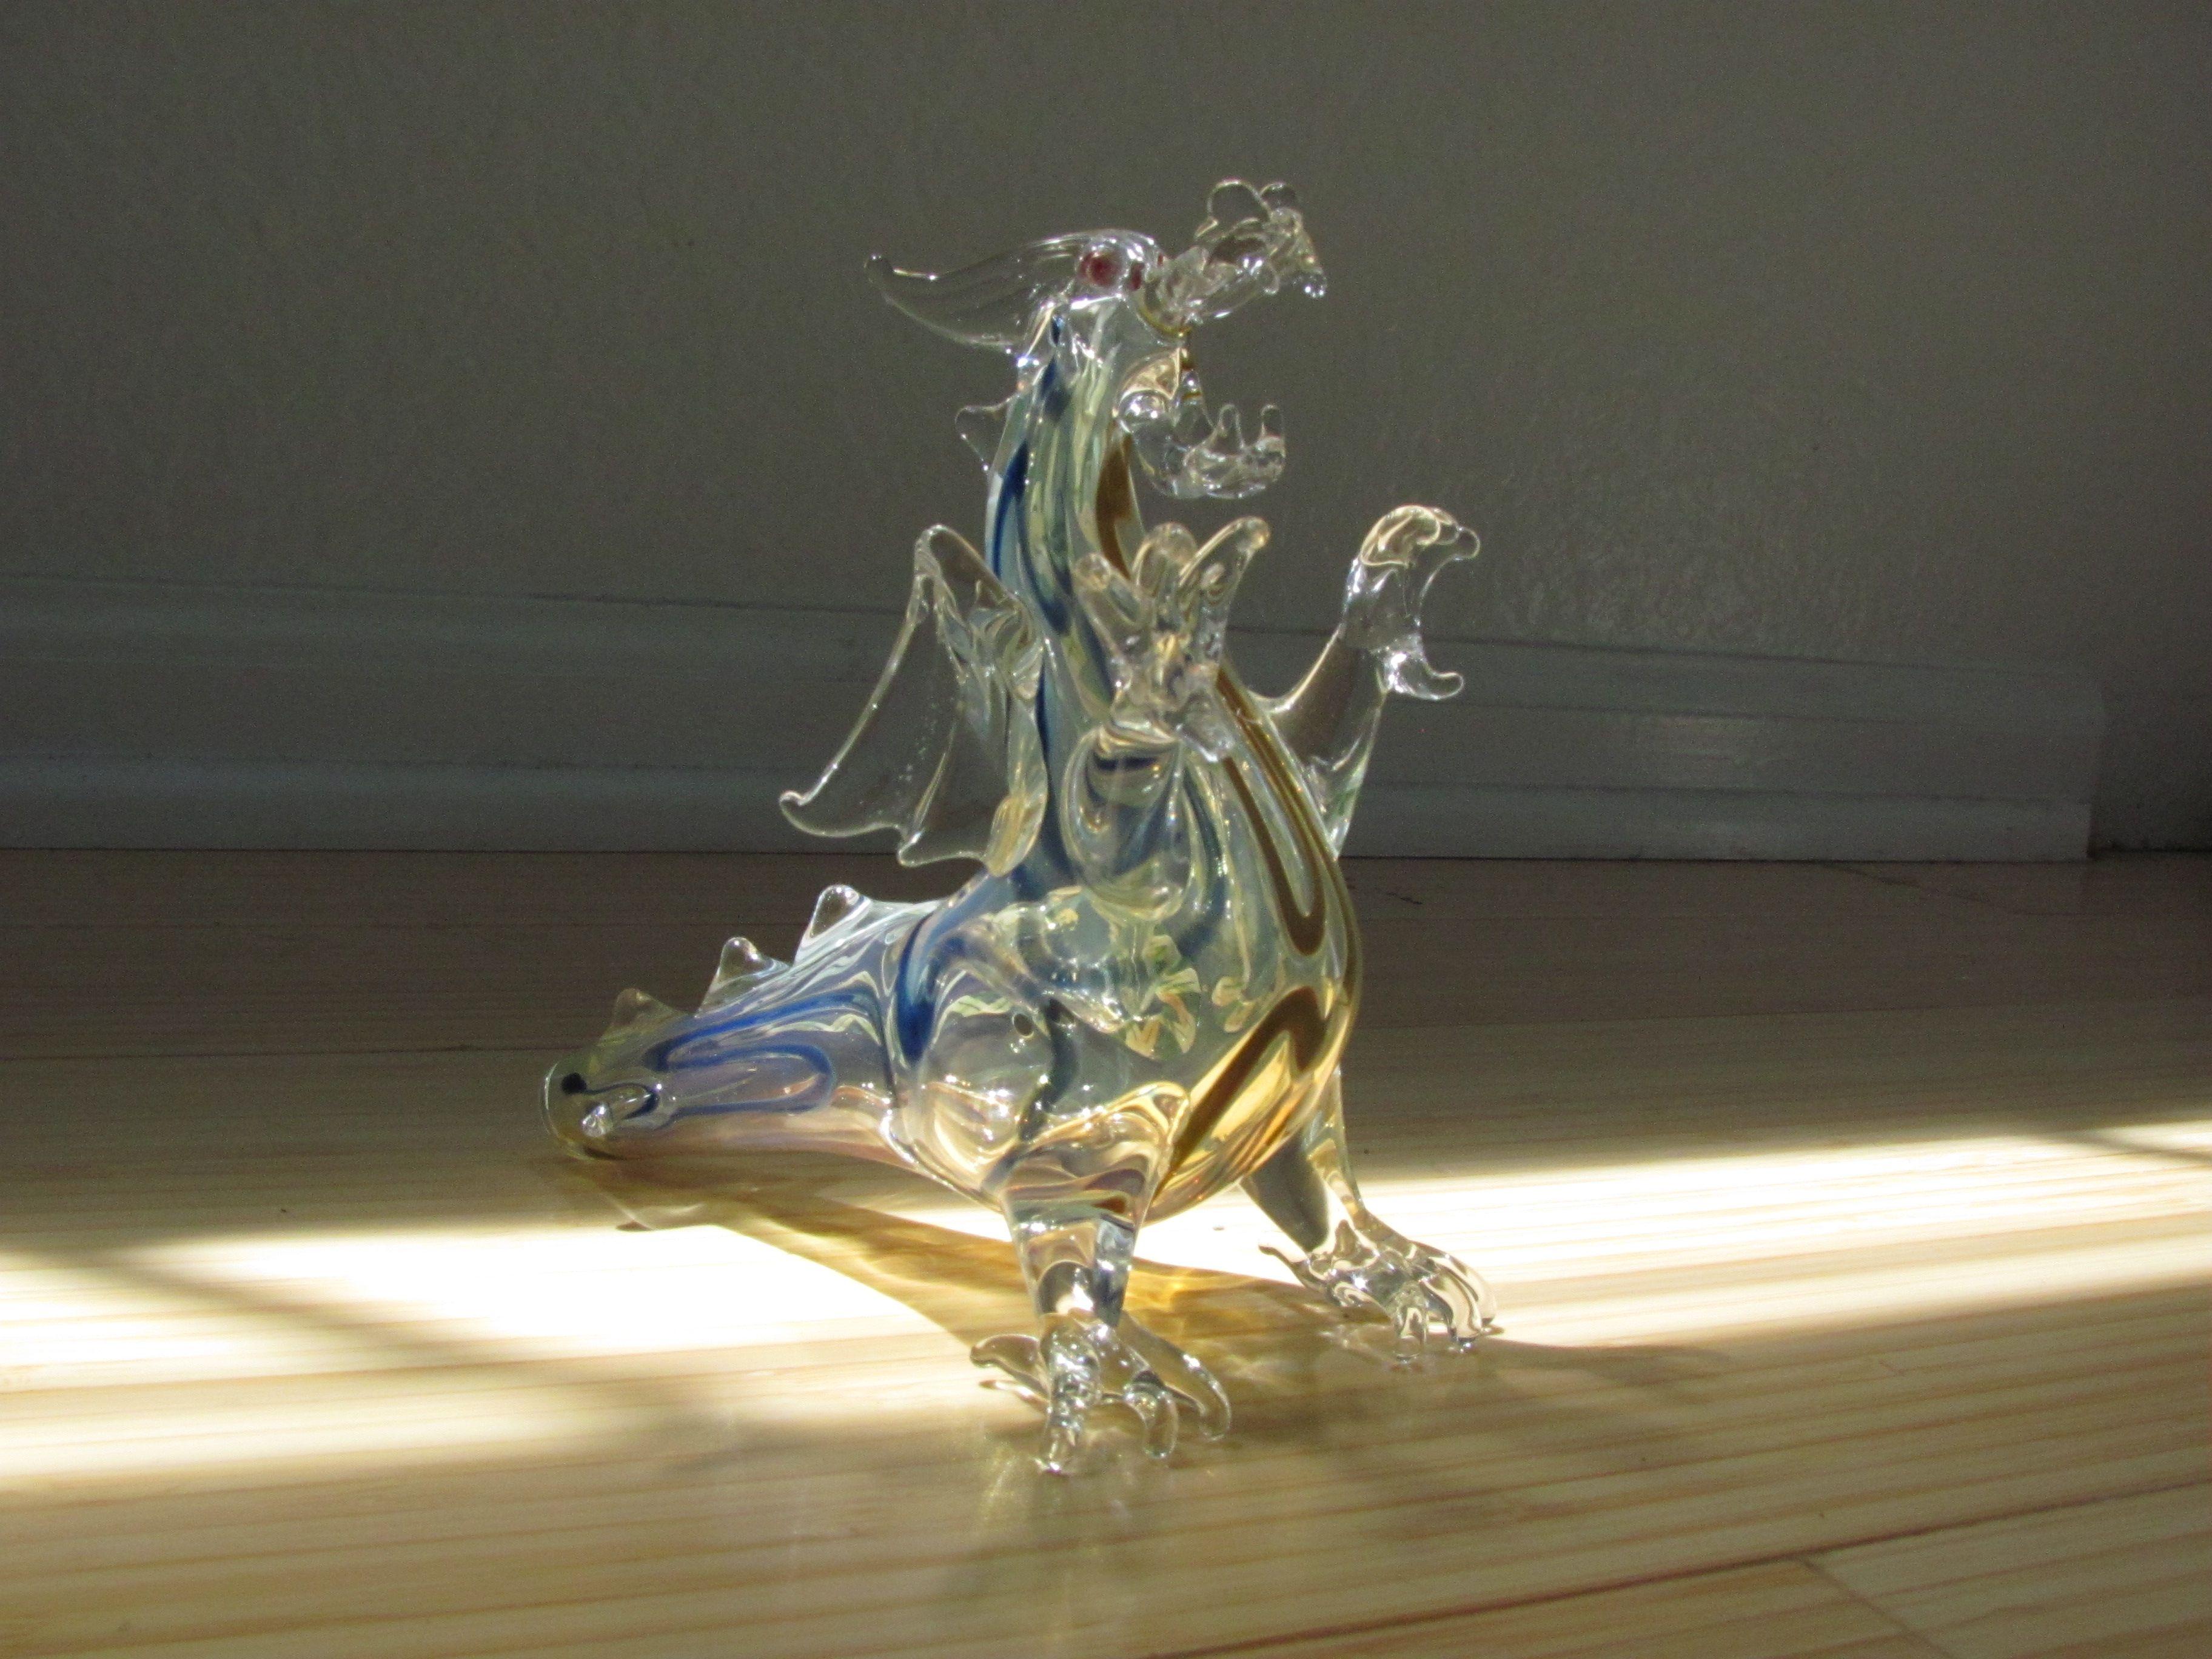 Dragón de vidrio soplado, artesanal. Puerto Vallarta, México.